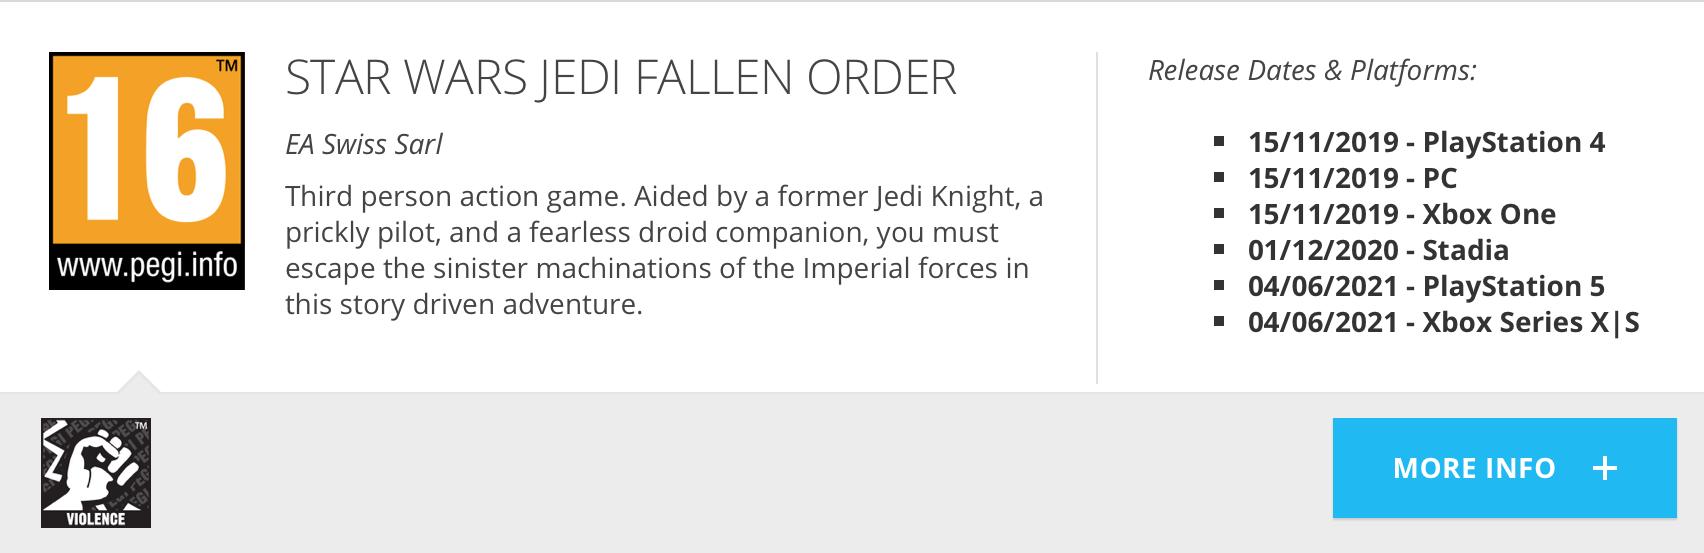 Star Wars Jedi: Fallen Order PEGI